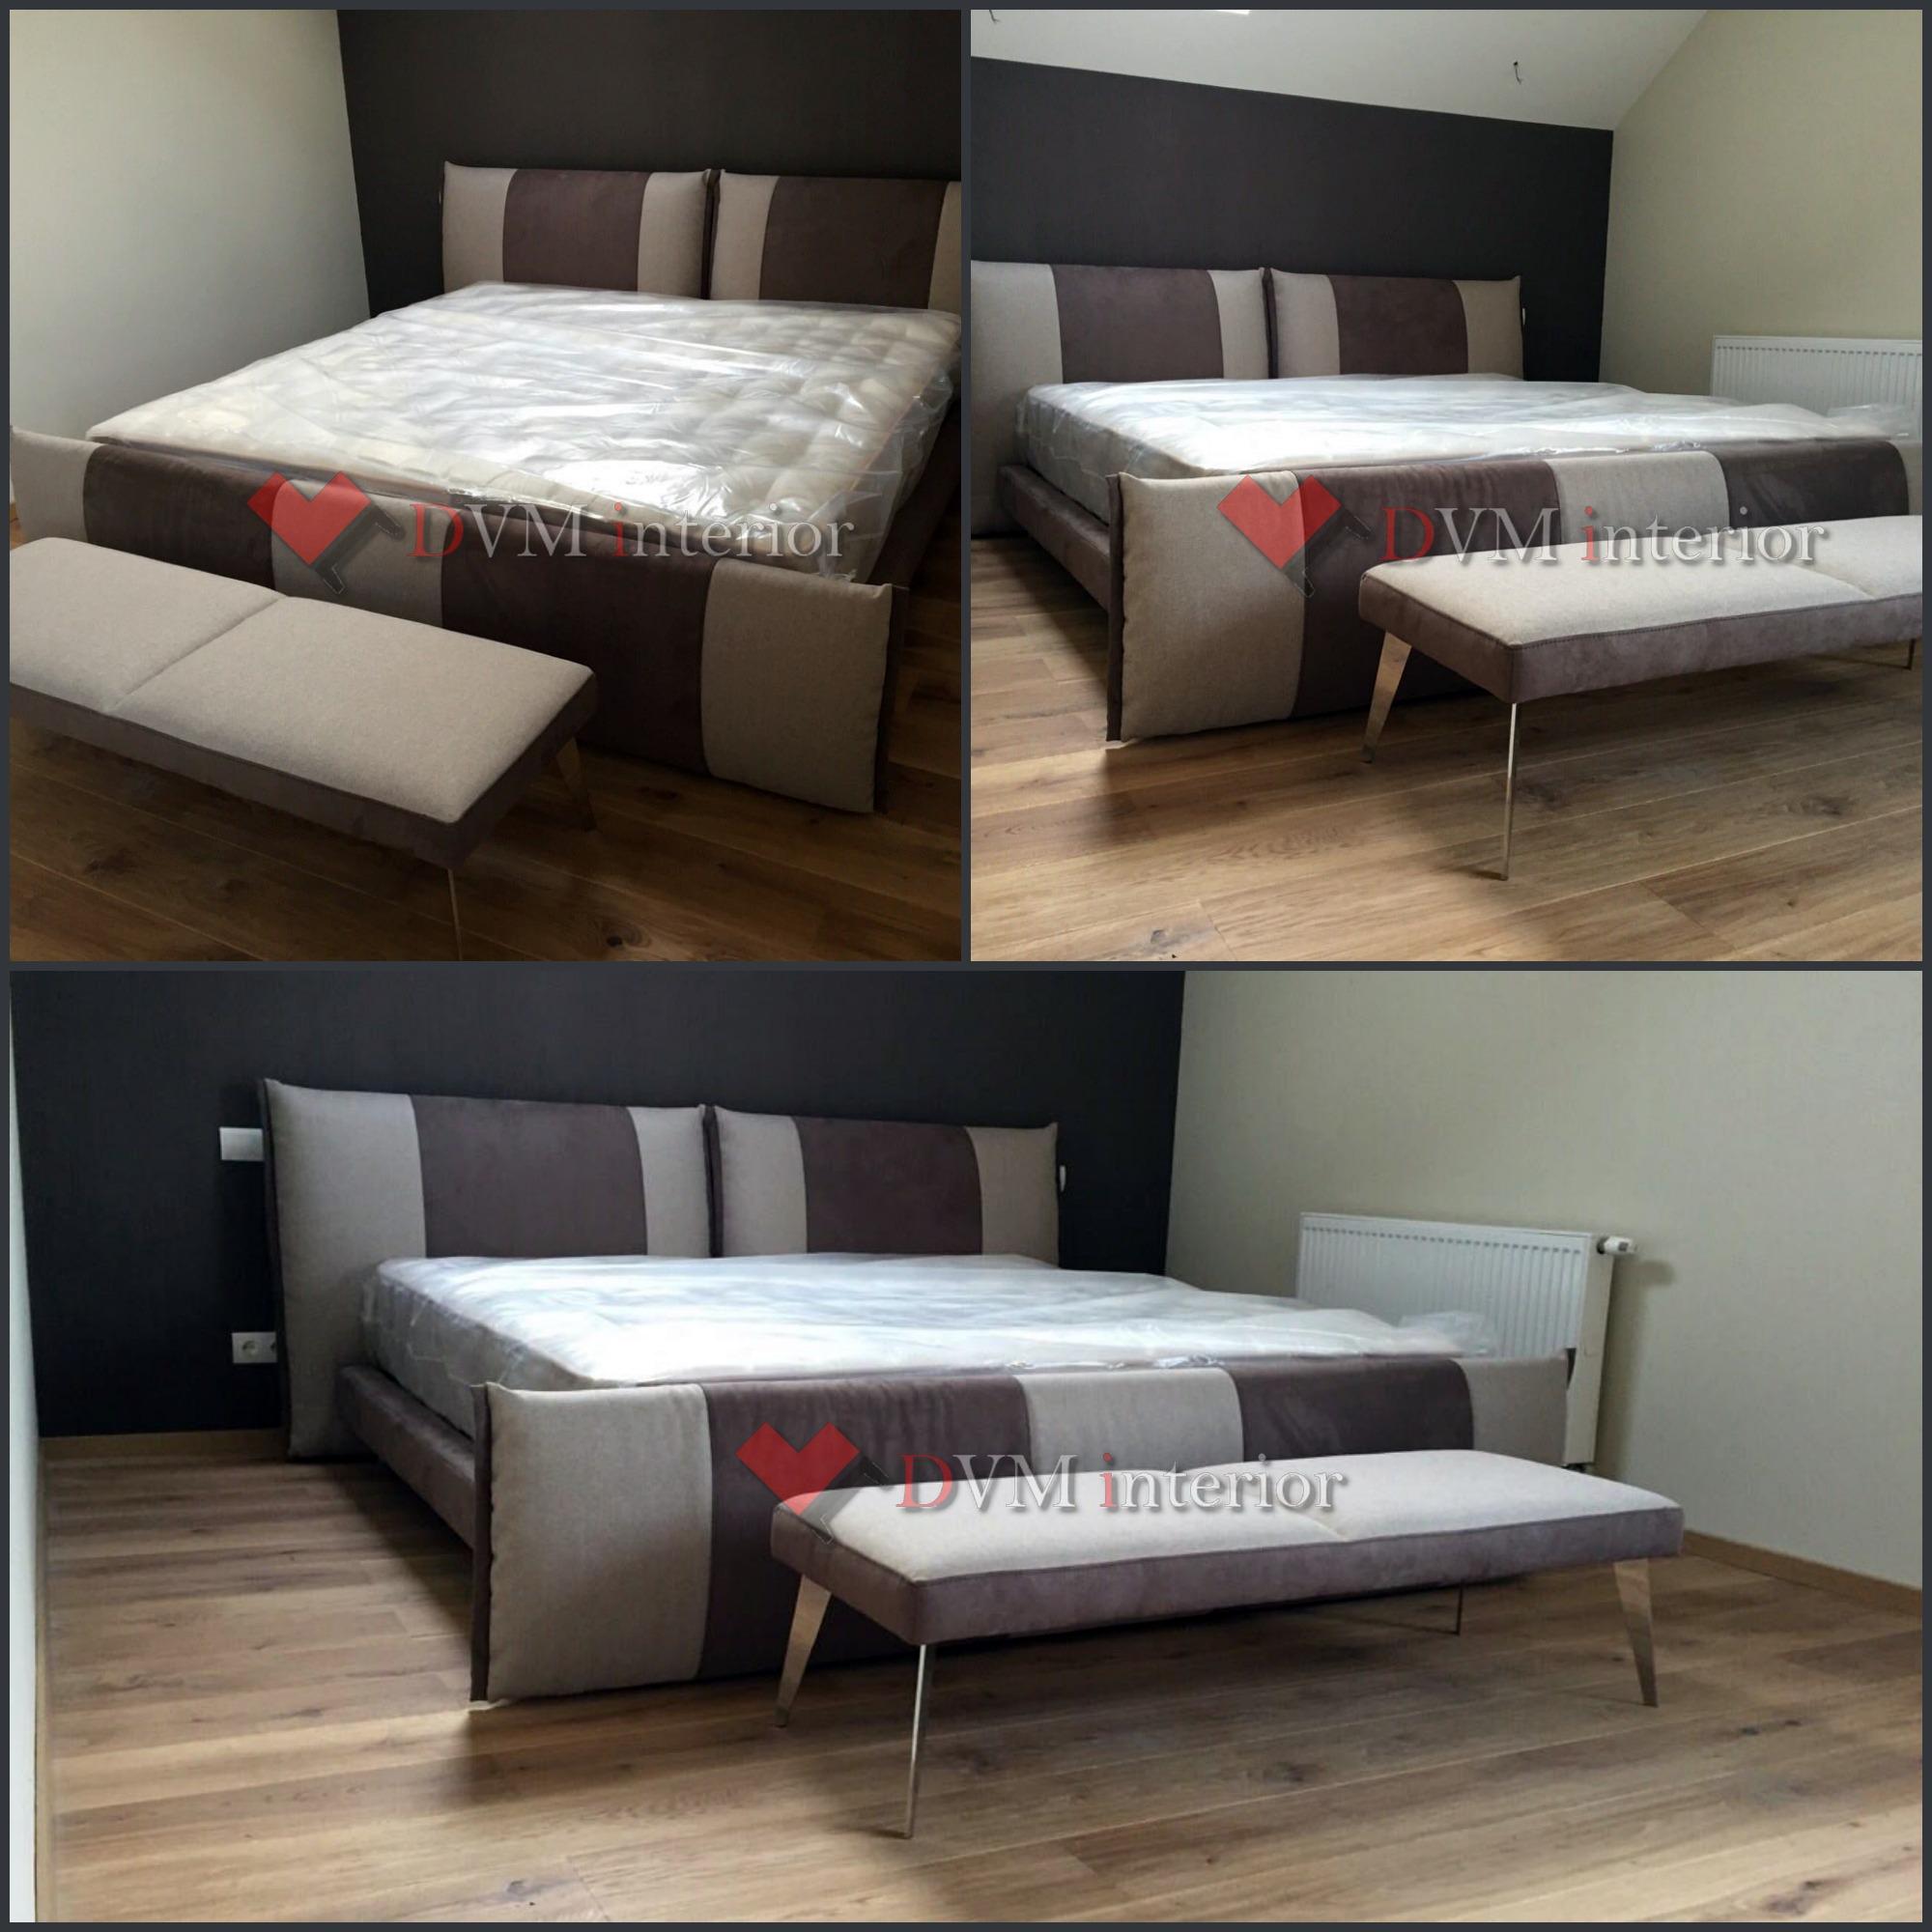 Foto krovat myagkaya - Фото кровать мягкая